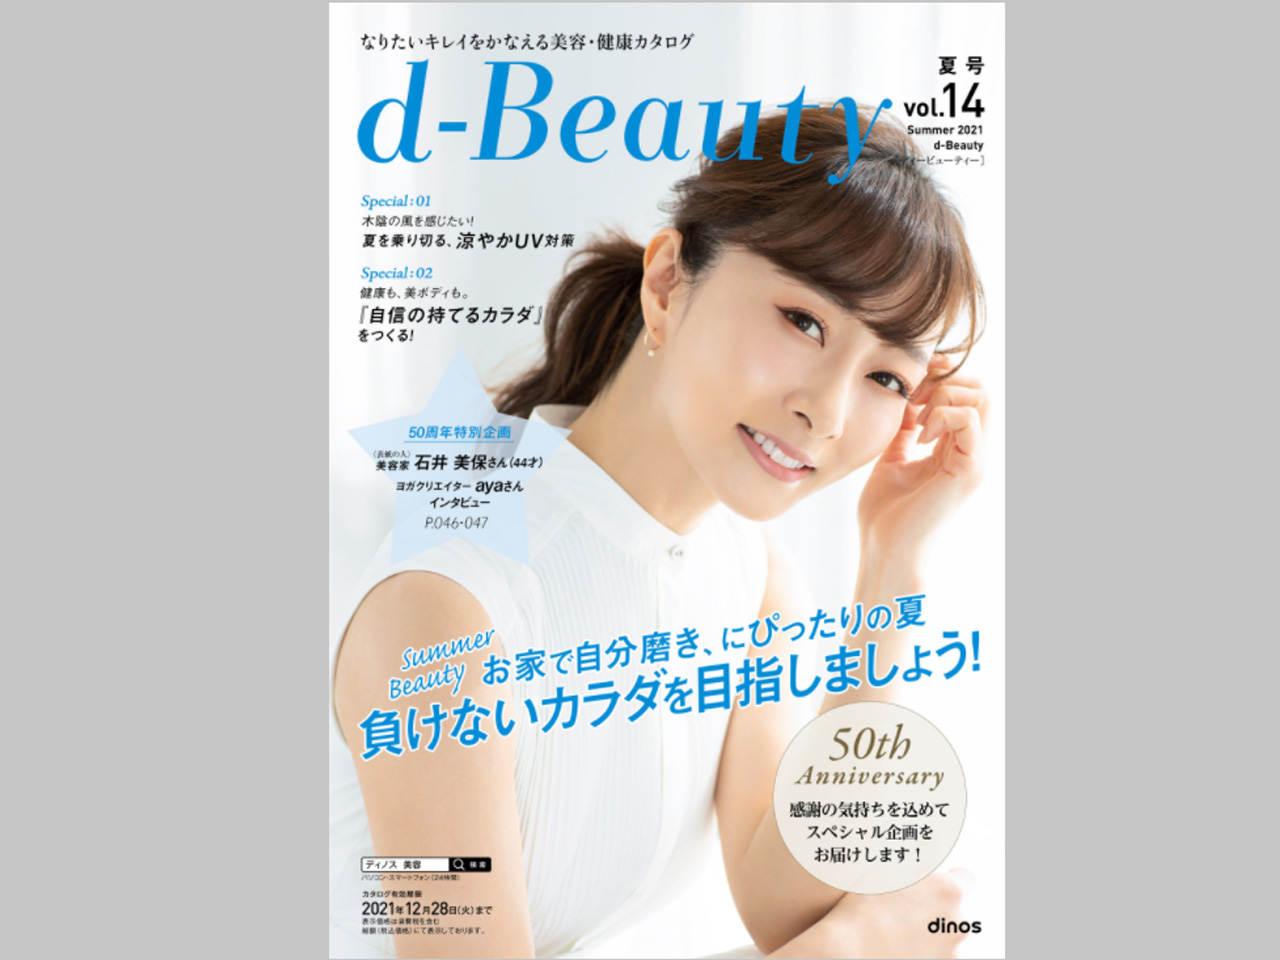 2021年夏_d-beauty表紙